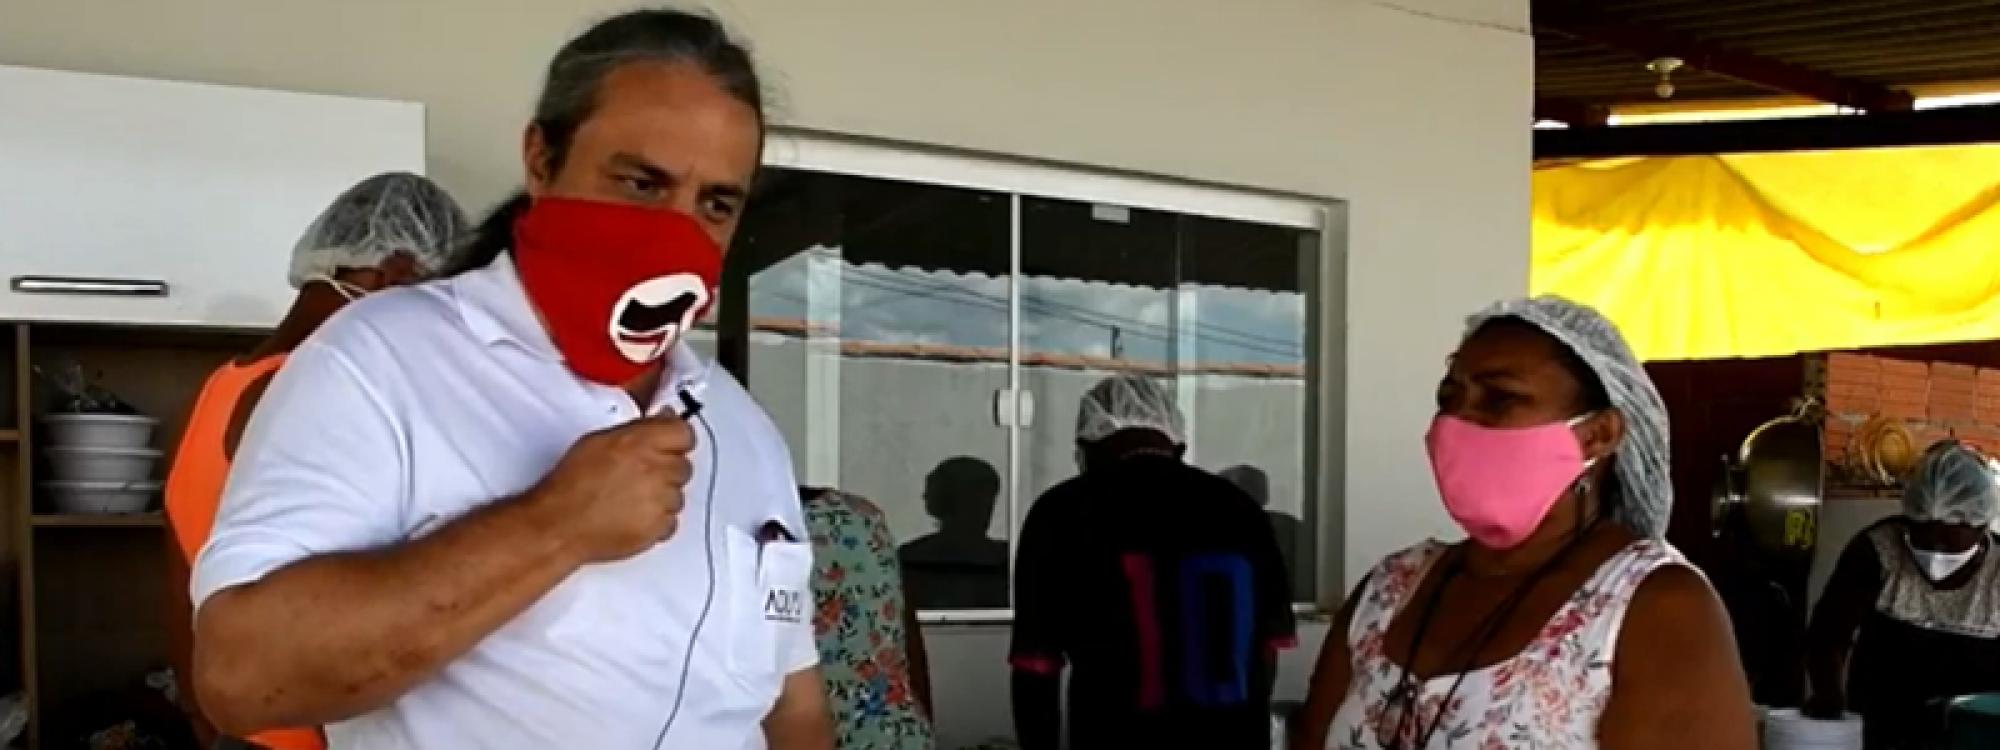 Comida no prato, vacina no braço: conheça a cozinha comunitária do bairro Élisson Prieto